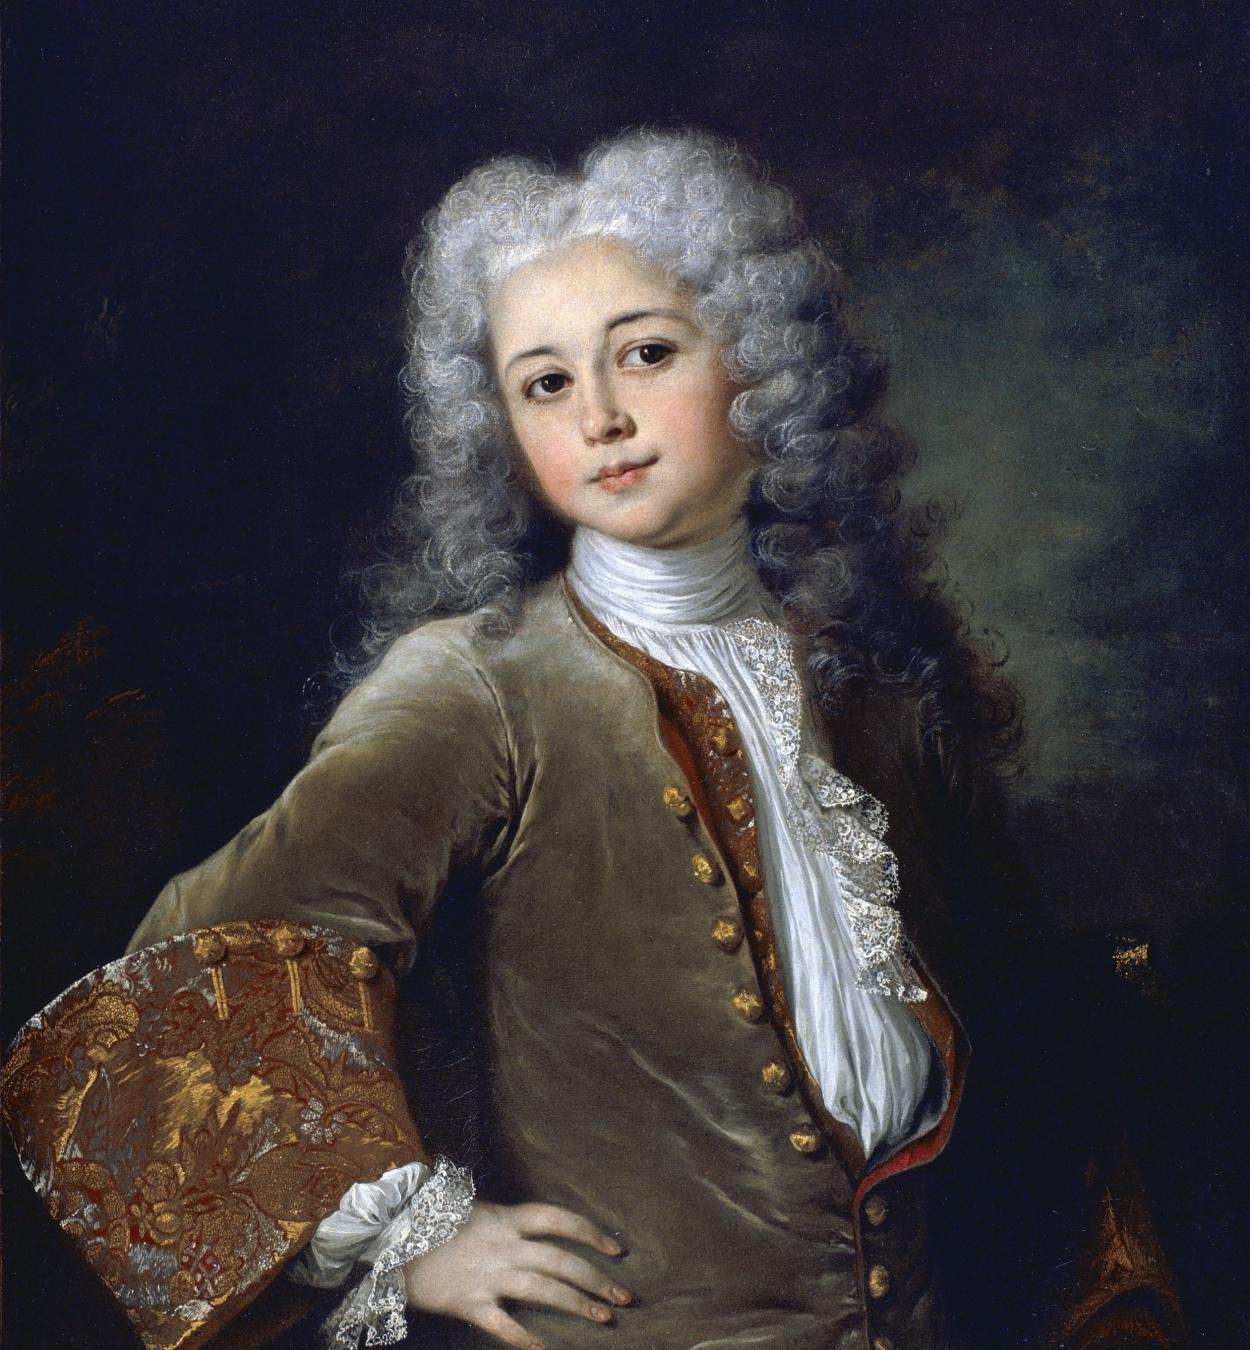 Nicolas de Largillière - Retrat de jove amb perruca - Cap a 1700